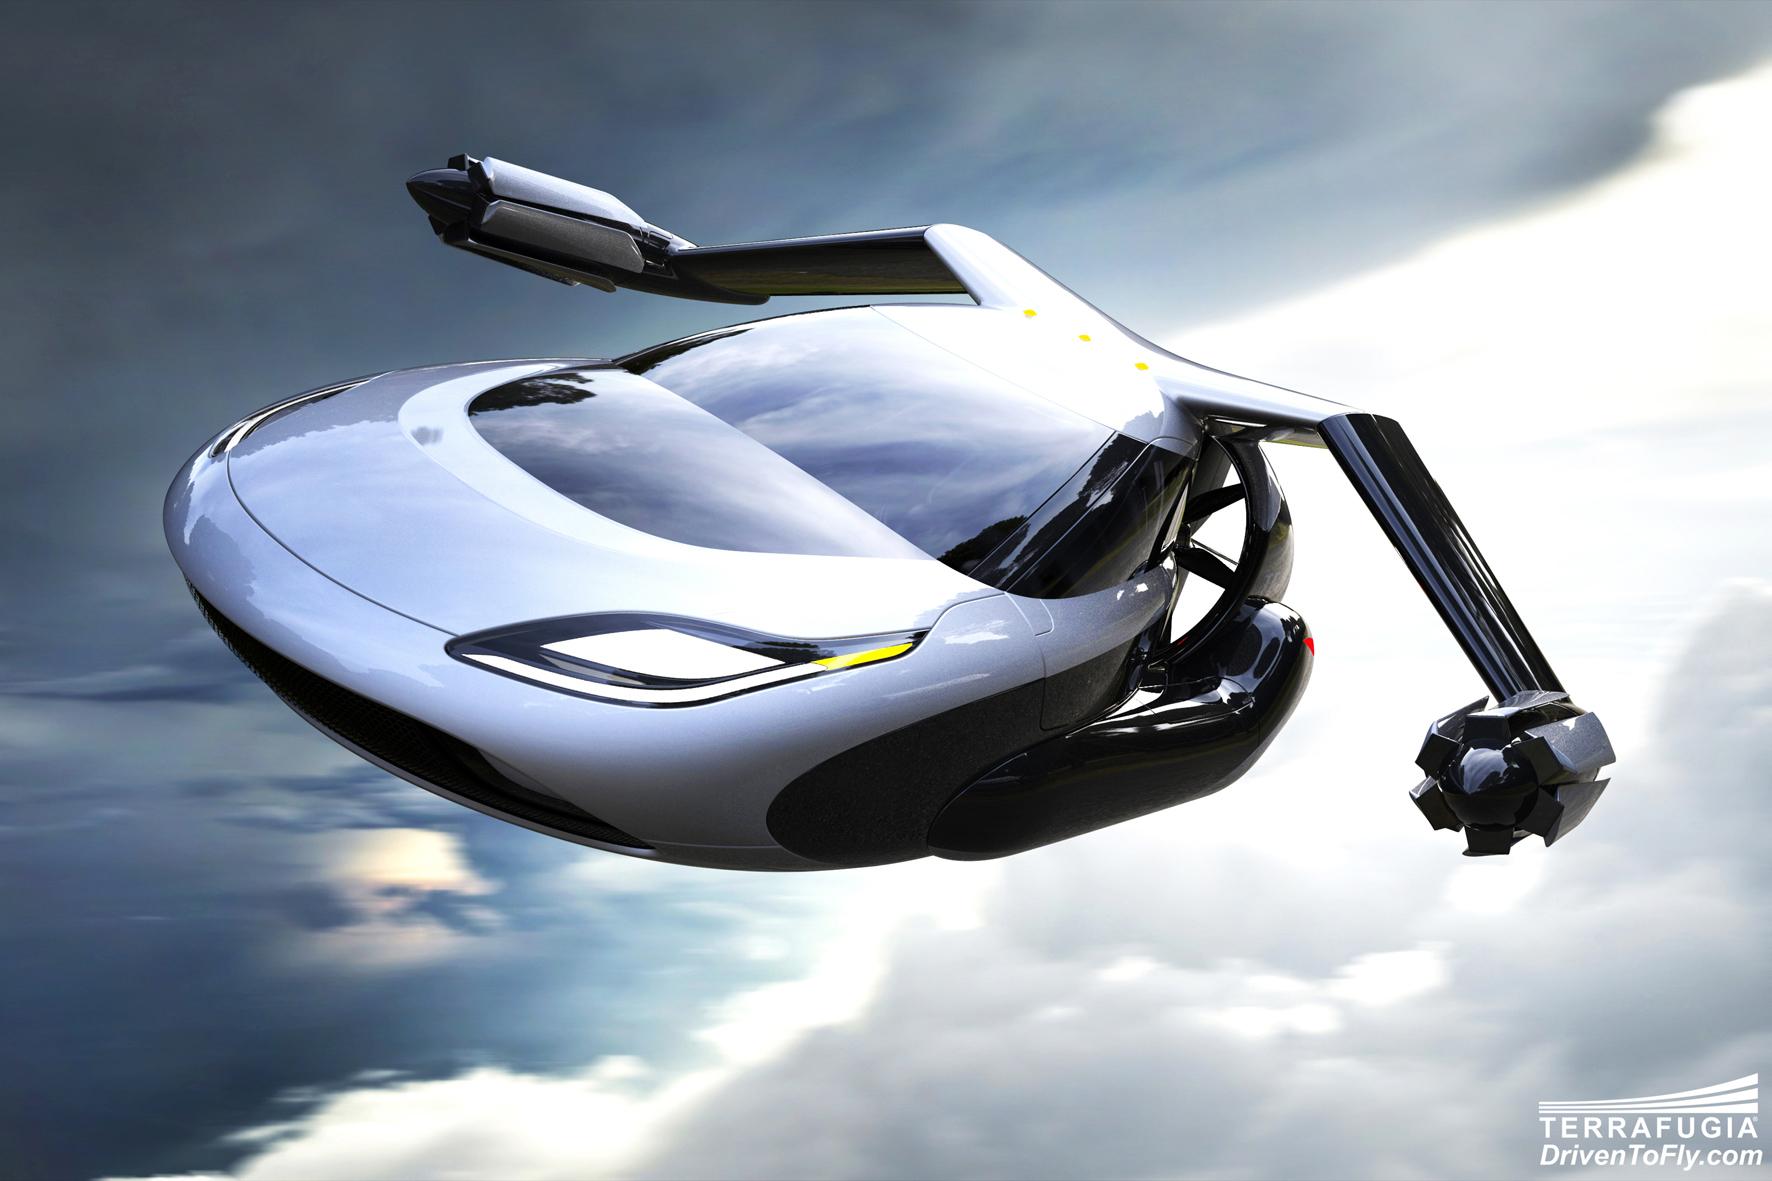 mid Düsseldorf - Halb Auto, halb Flugzeug: Mit dem Terrafugia TF-X könnte ein lang gehegter Traum von Science-Fiction-Fans wahr werden. Im Flugbetrieb soll das Zwitter-Fahrzeug mit Hybrid-Antrieb und 800 Kilometern Reichweite 320 km/h schnell sein.